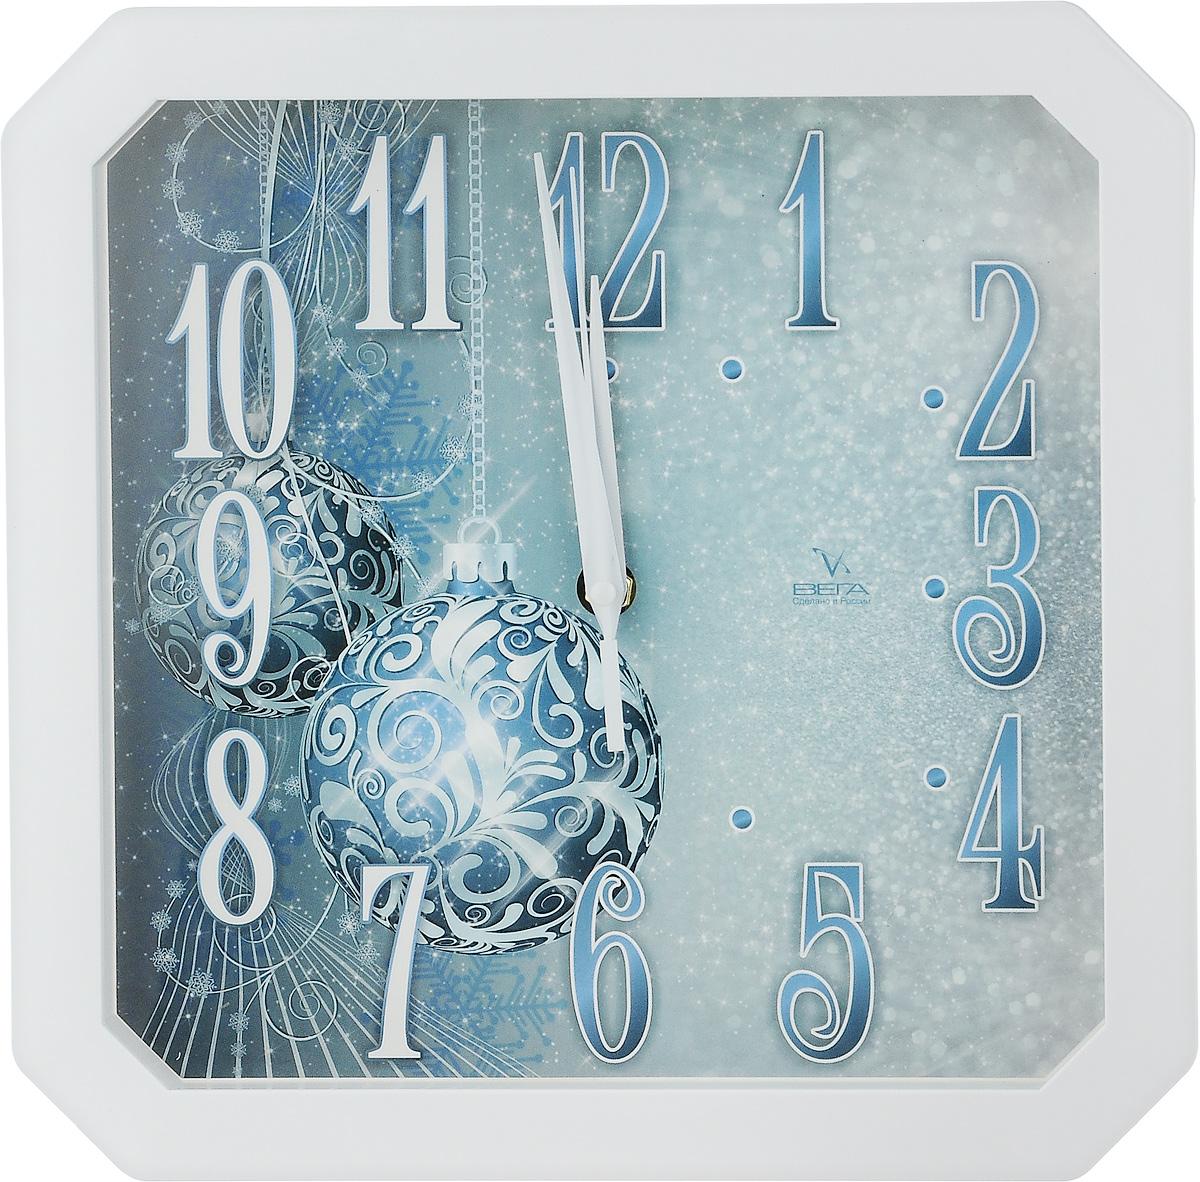 Часы настенные Вега Шары, 28 х 28 х 4 смП2-7/7-17Настенные кварцевые часы Вега Шары, изготовленные из пластика, прекрасно впишутся в интерьер вашего дома. Часы имеют три стрелки: часовую, минутную и секундную, циферблат защищен прозрачным стеклом. Часы работают от 1 батарейки типа АА напряжением 1,5 В (не входит в комплект).